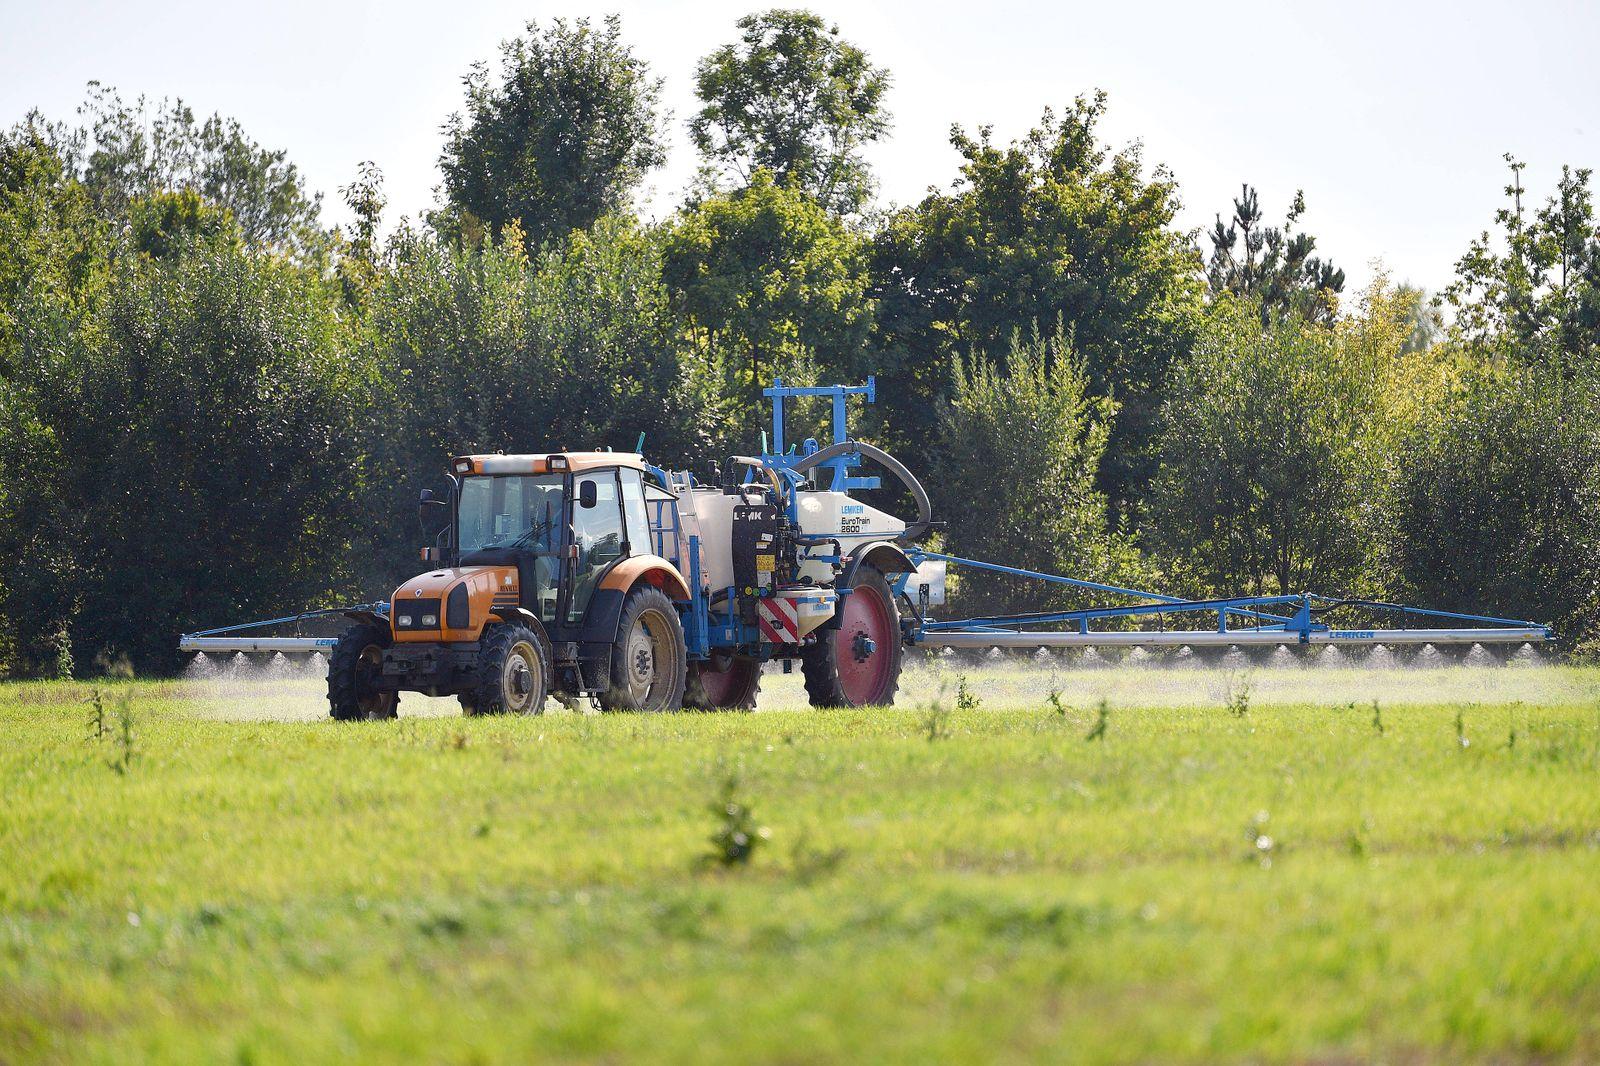 Ein Landwirt bringt das Pflanzenschutzmittel Glyphosat auf einem Feld aus spritzen Spritze spruehen